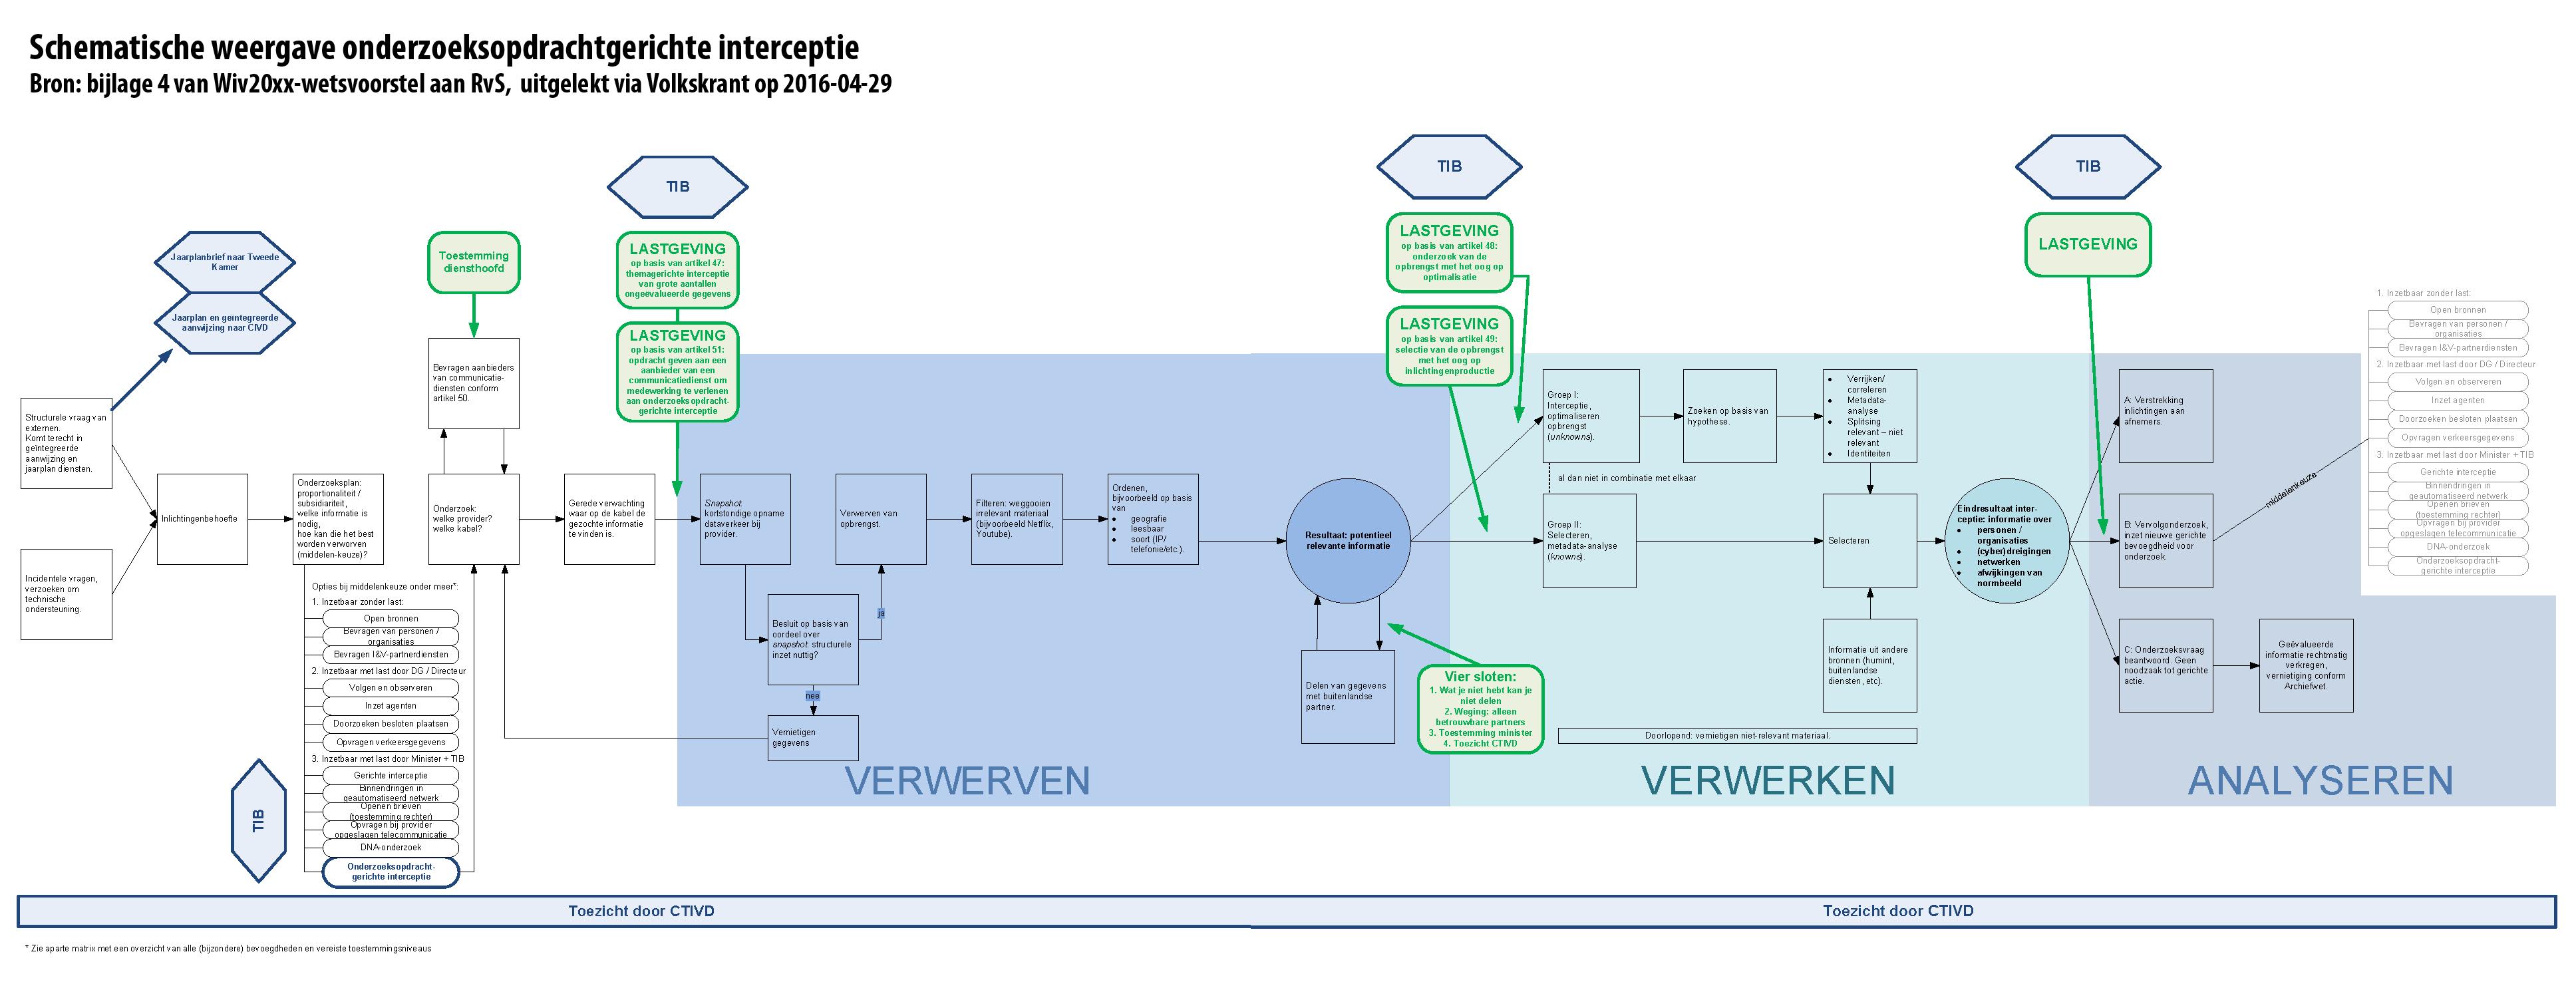 Dutch] Schematische weergave onderzoeksopdrachtgerichte interceptie ...